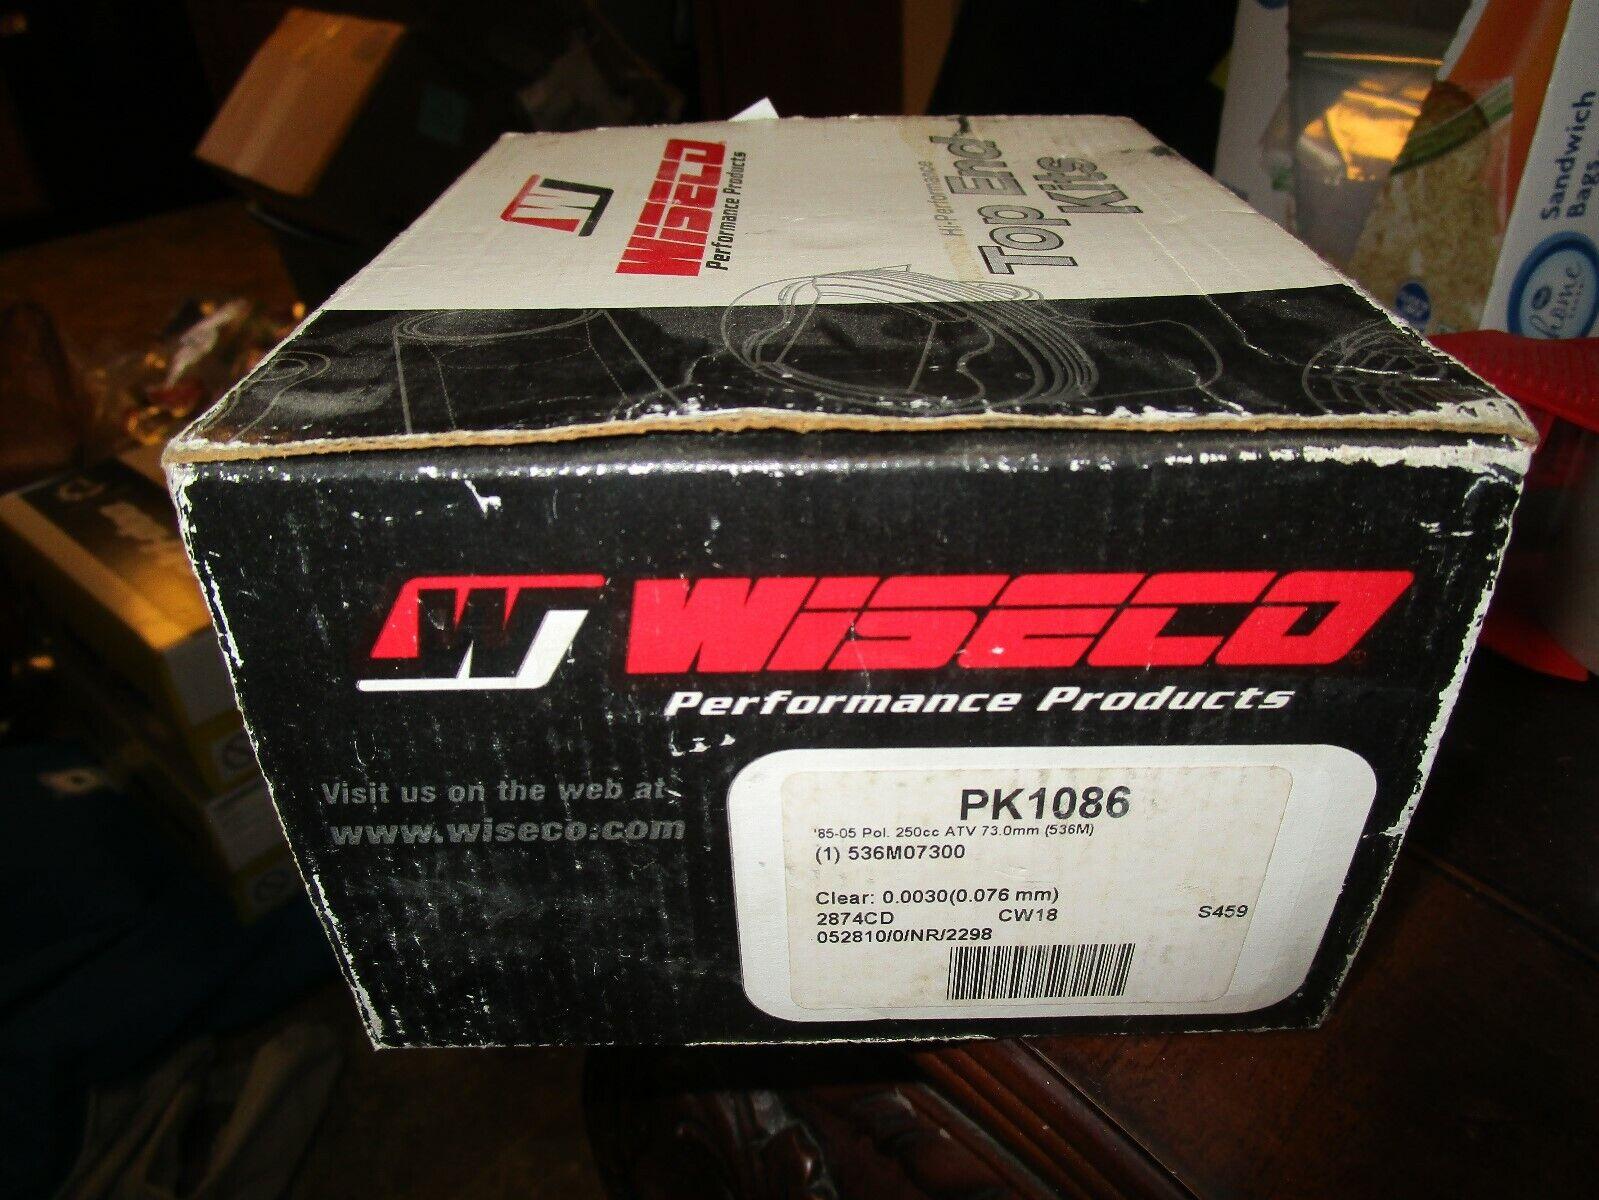 1.00mm Oversize to 73.00mm For 2006 Polaris Trail Blazer 250 ATV Piston Kit